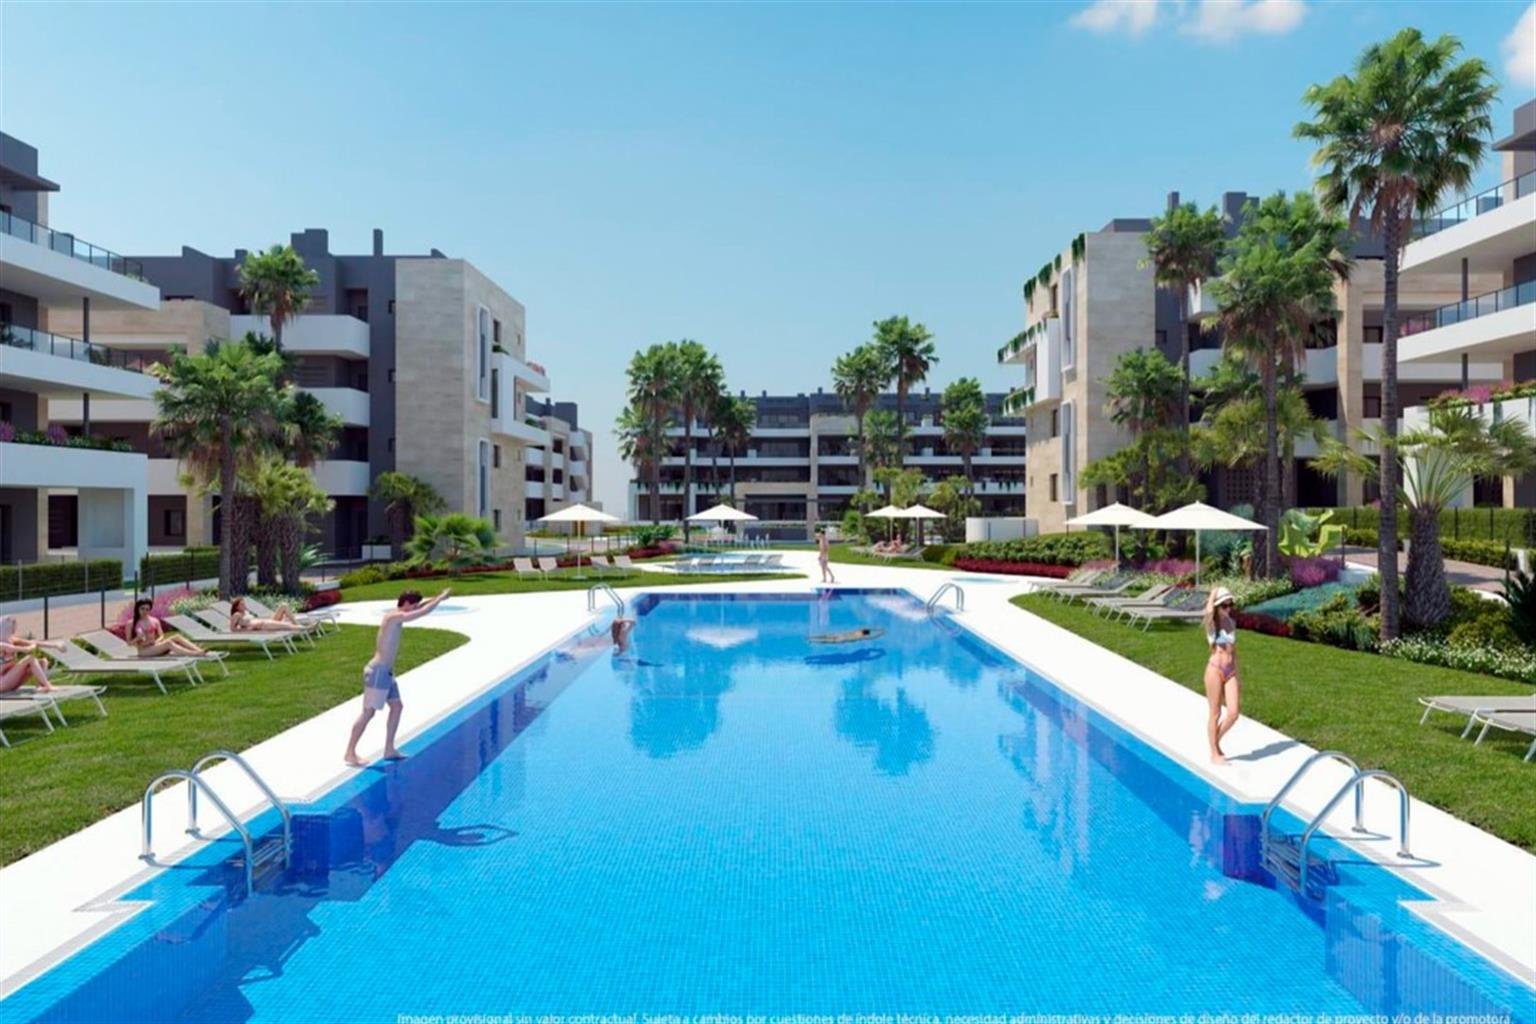 Appartement - Orihuela Costa - #4228409-24